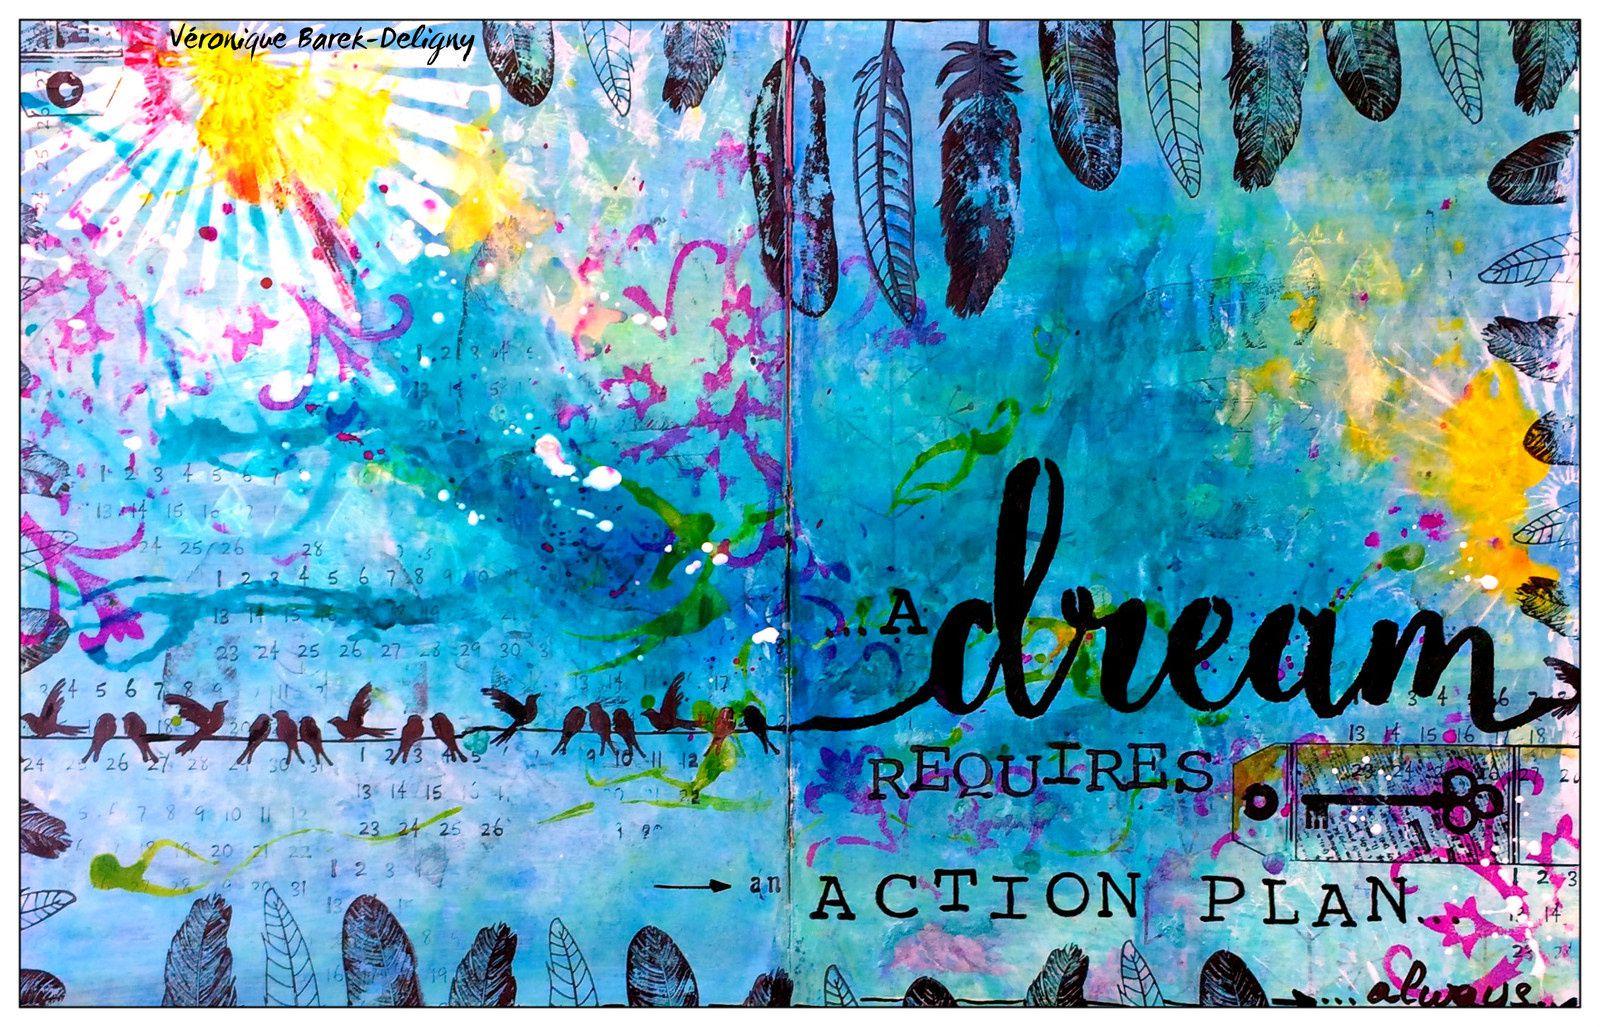 Un rêve nécessite un plan d'action... Toujours!